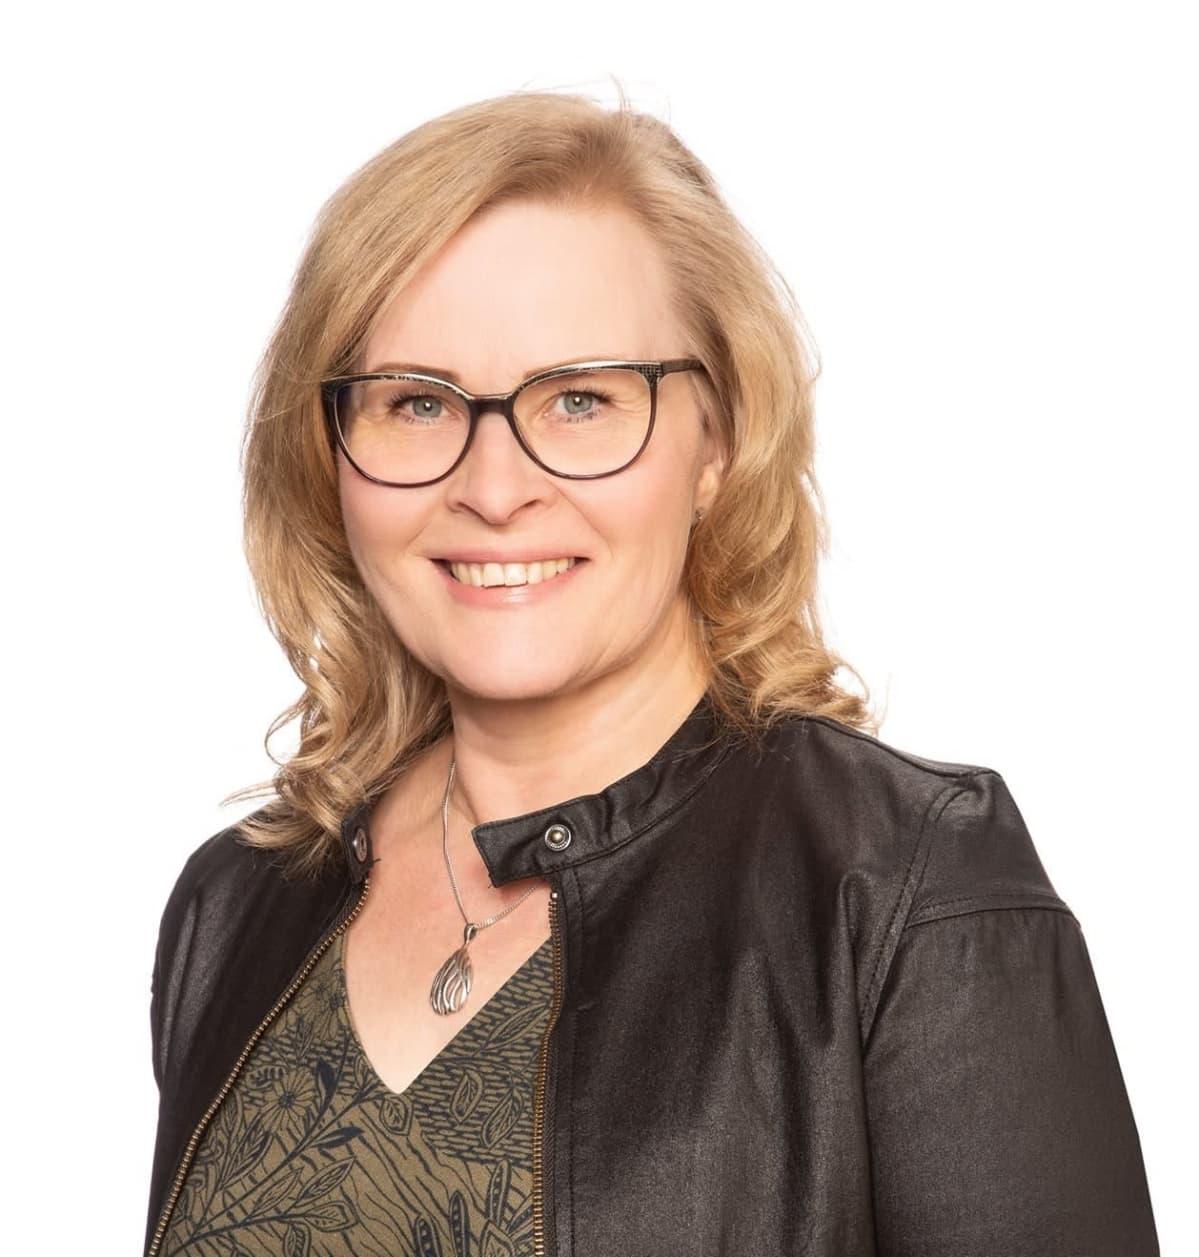 Kansanedustaja Hanna Huttunen toimii harvaan asuttujen alueiden parlamentaarisen työryhmän puheenjohtajana.